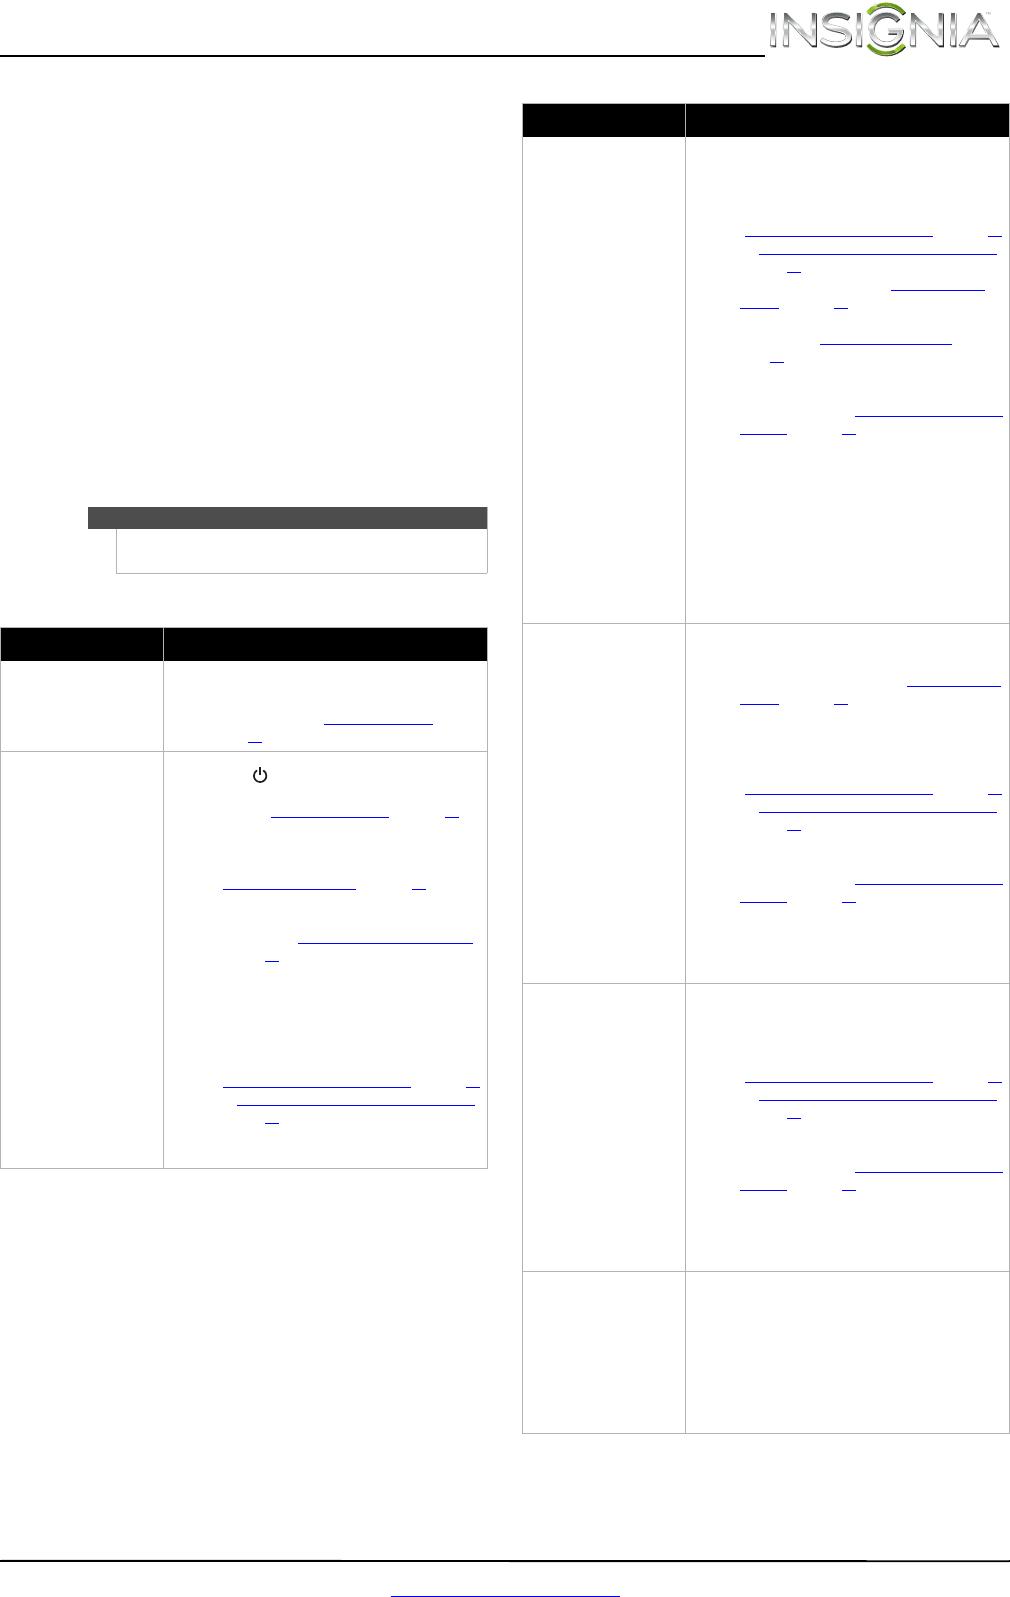 Insignia NS 42E470A13 User Manual To The 9abdd292 2ca9